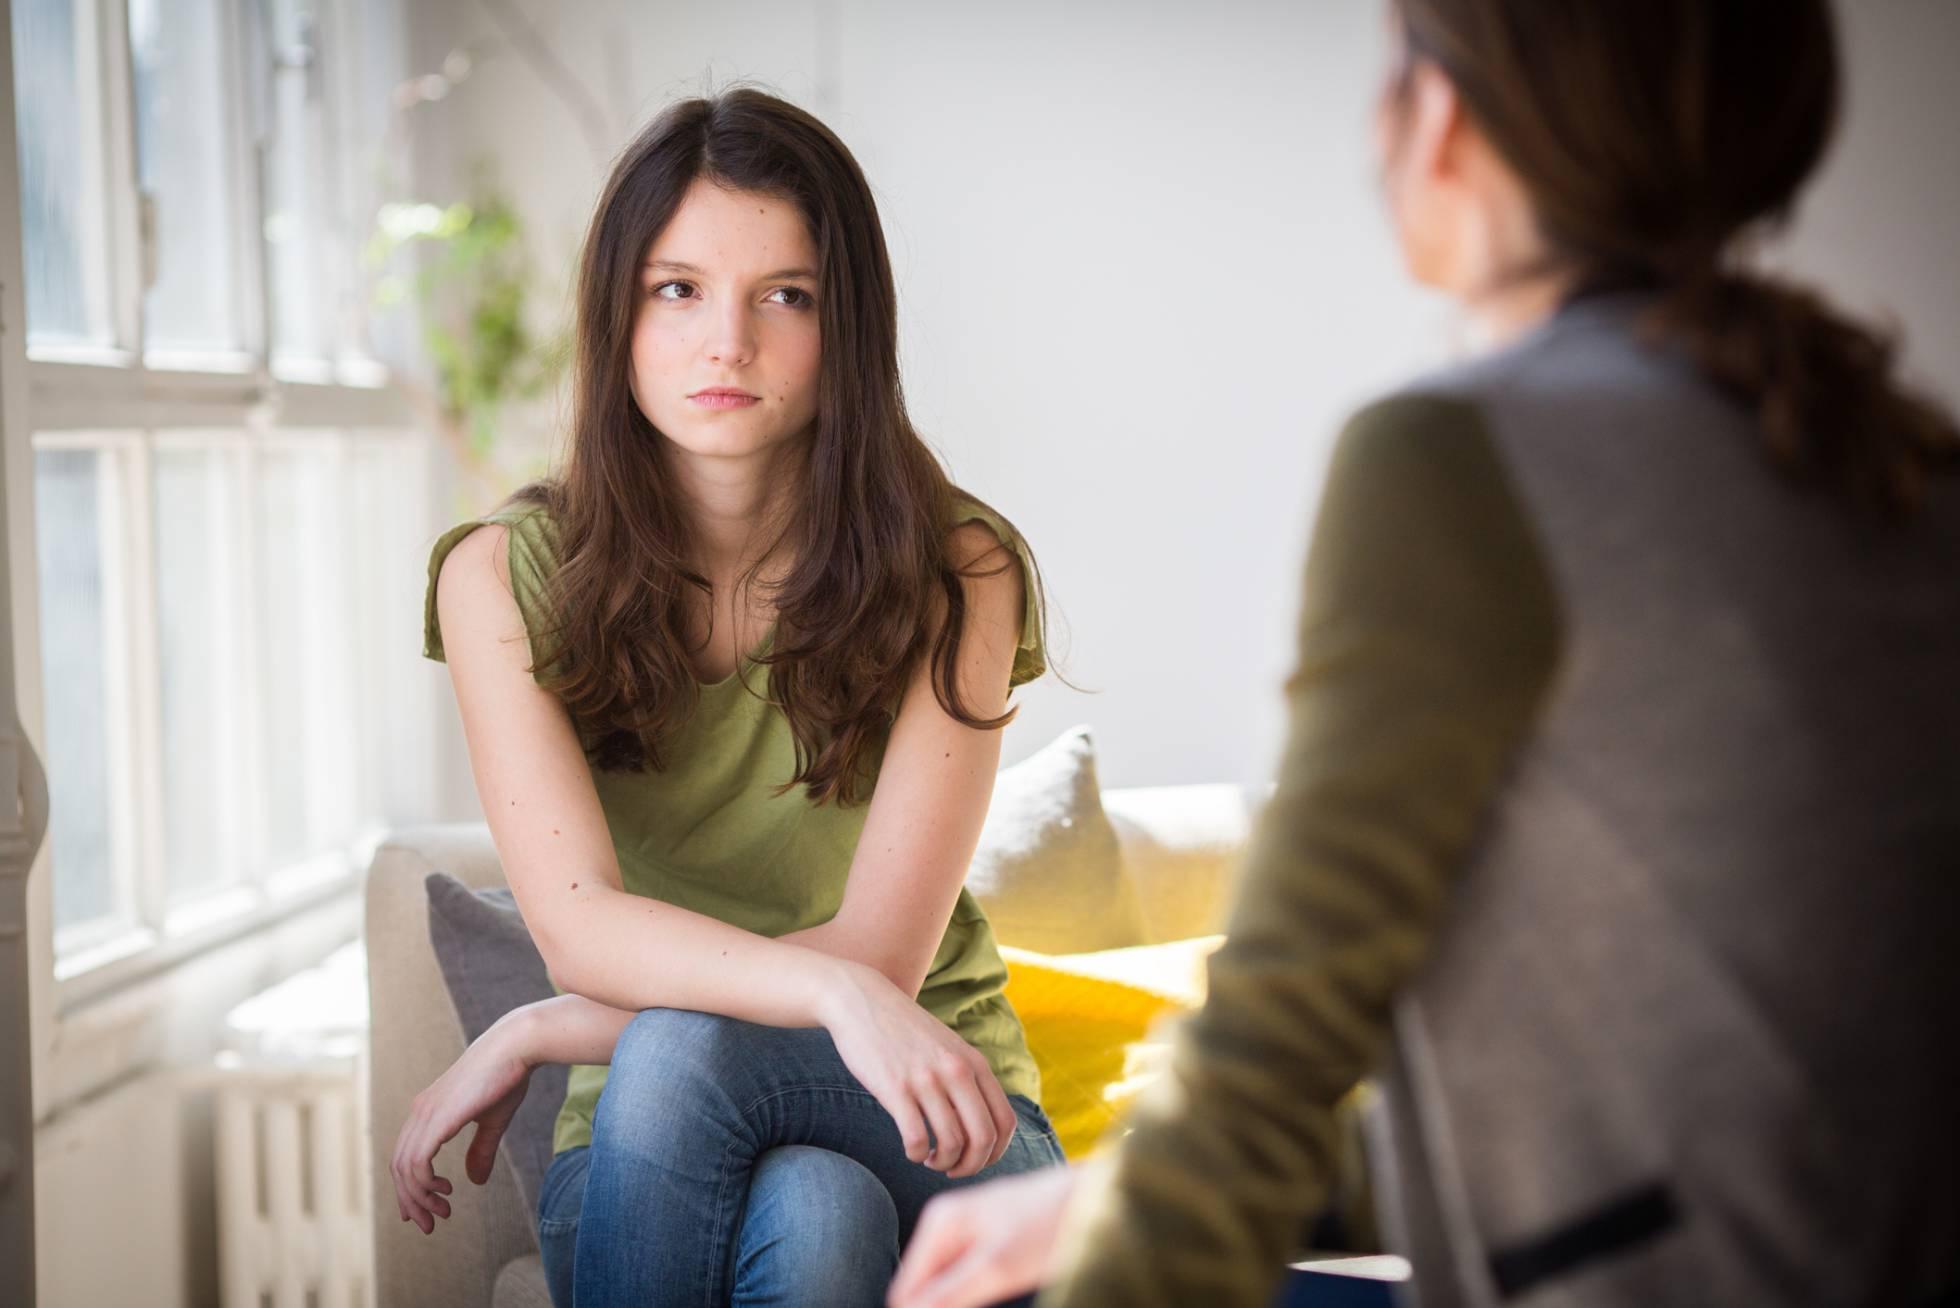 Síndrome de la progenitora tóxica: ¿por qué mi madre no me quiere?